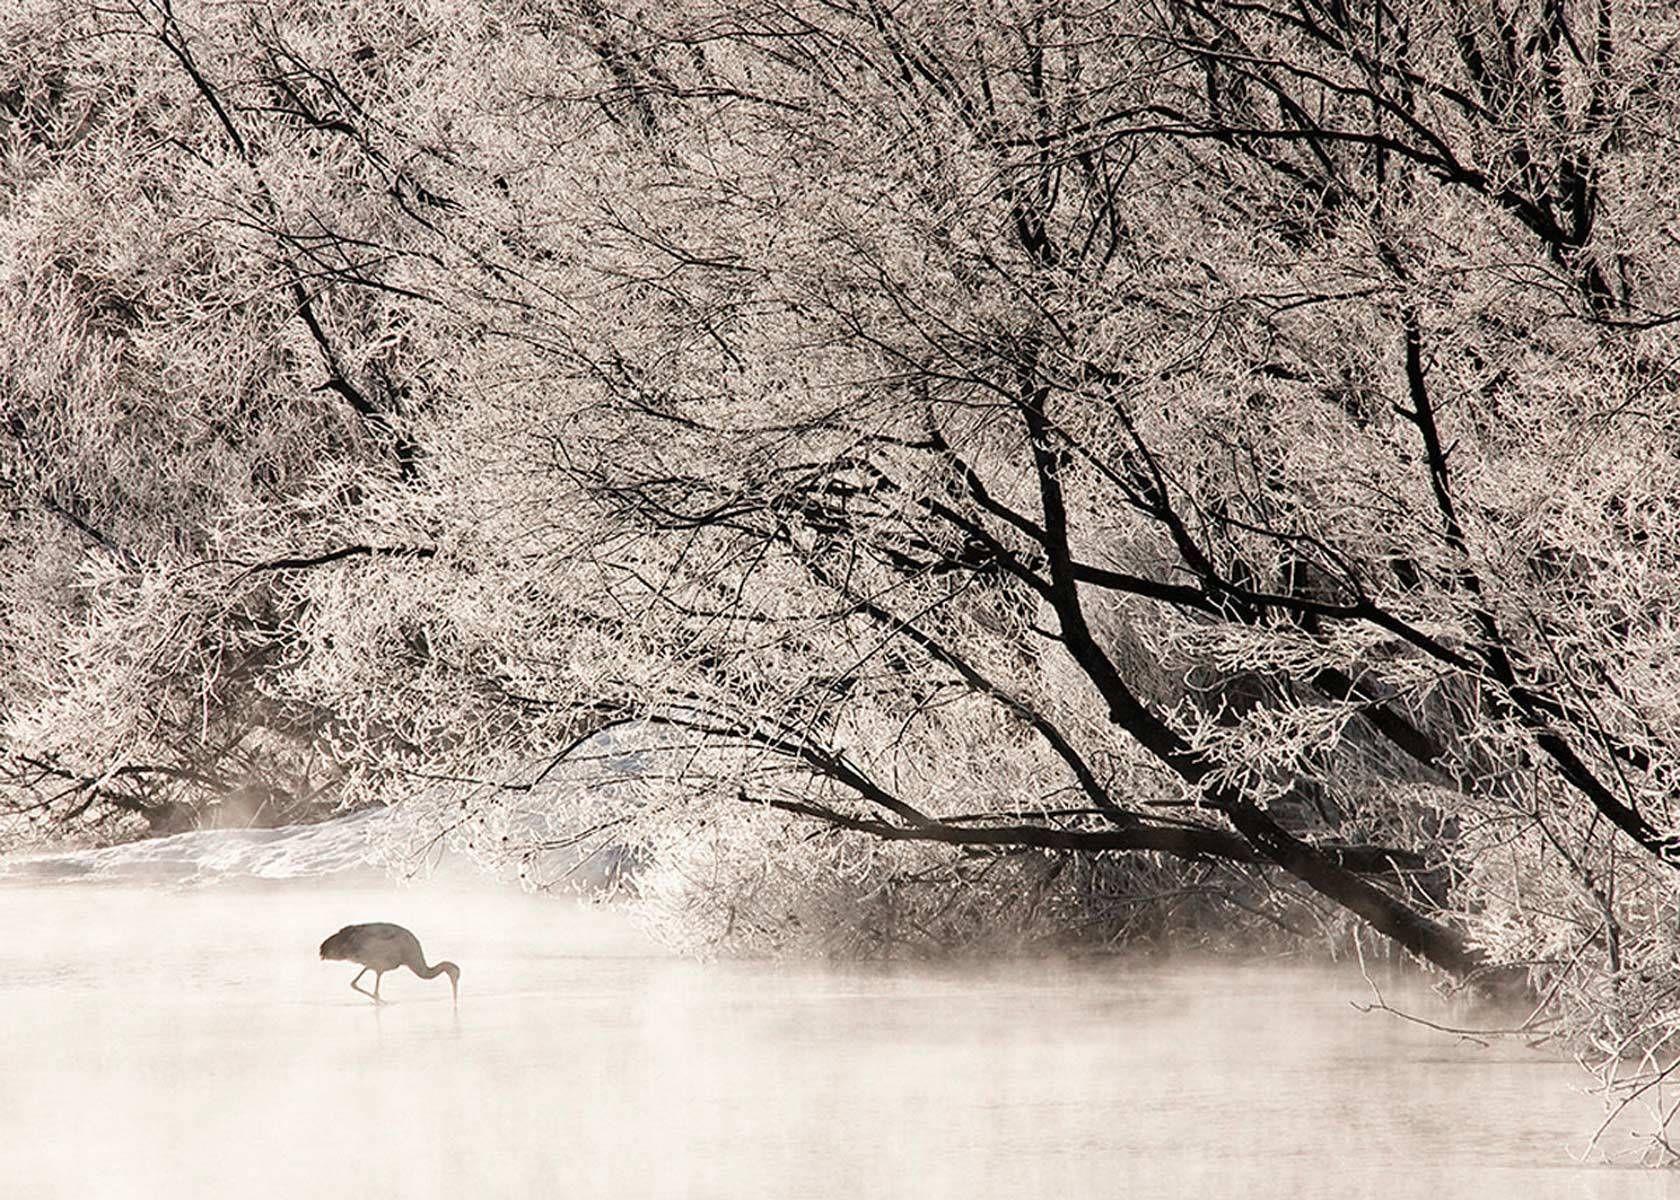 Solitude in Hoar Frost, Red-crowned crane from Otowa Bridge, Tsu